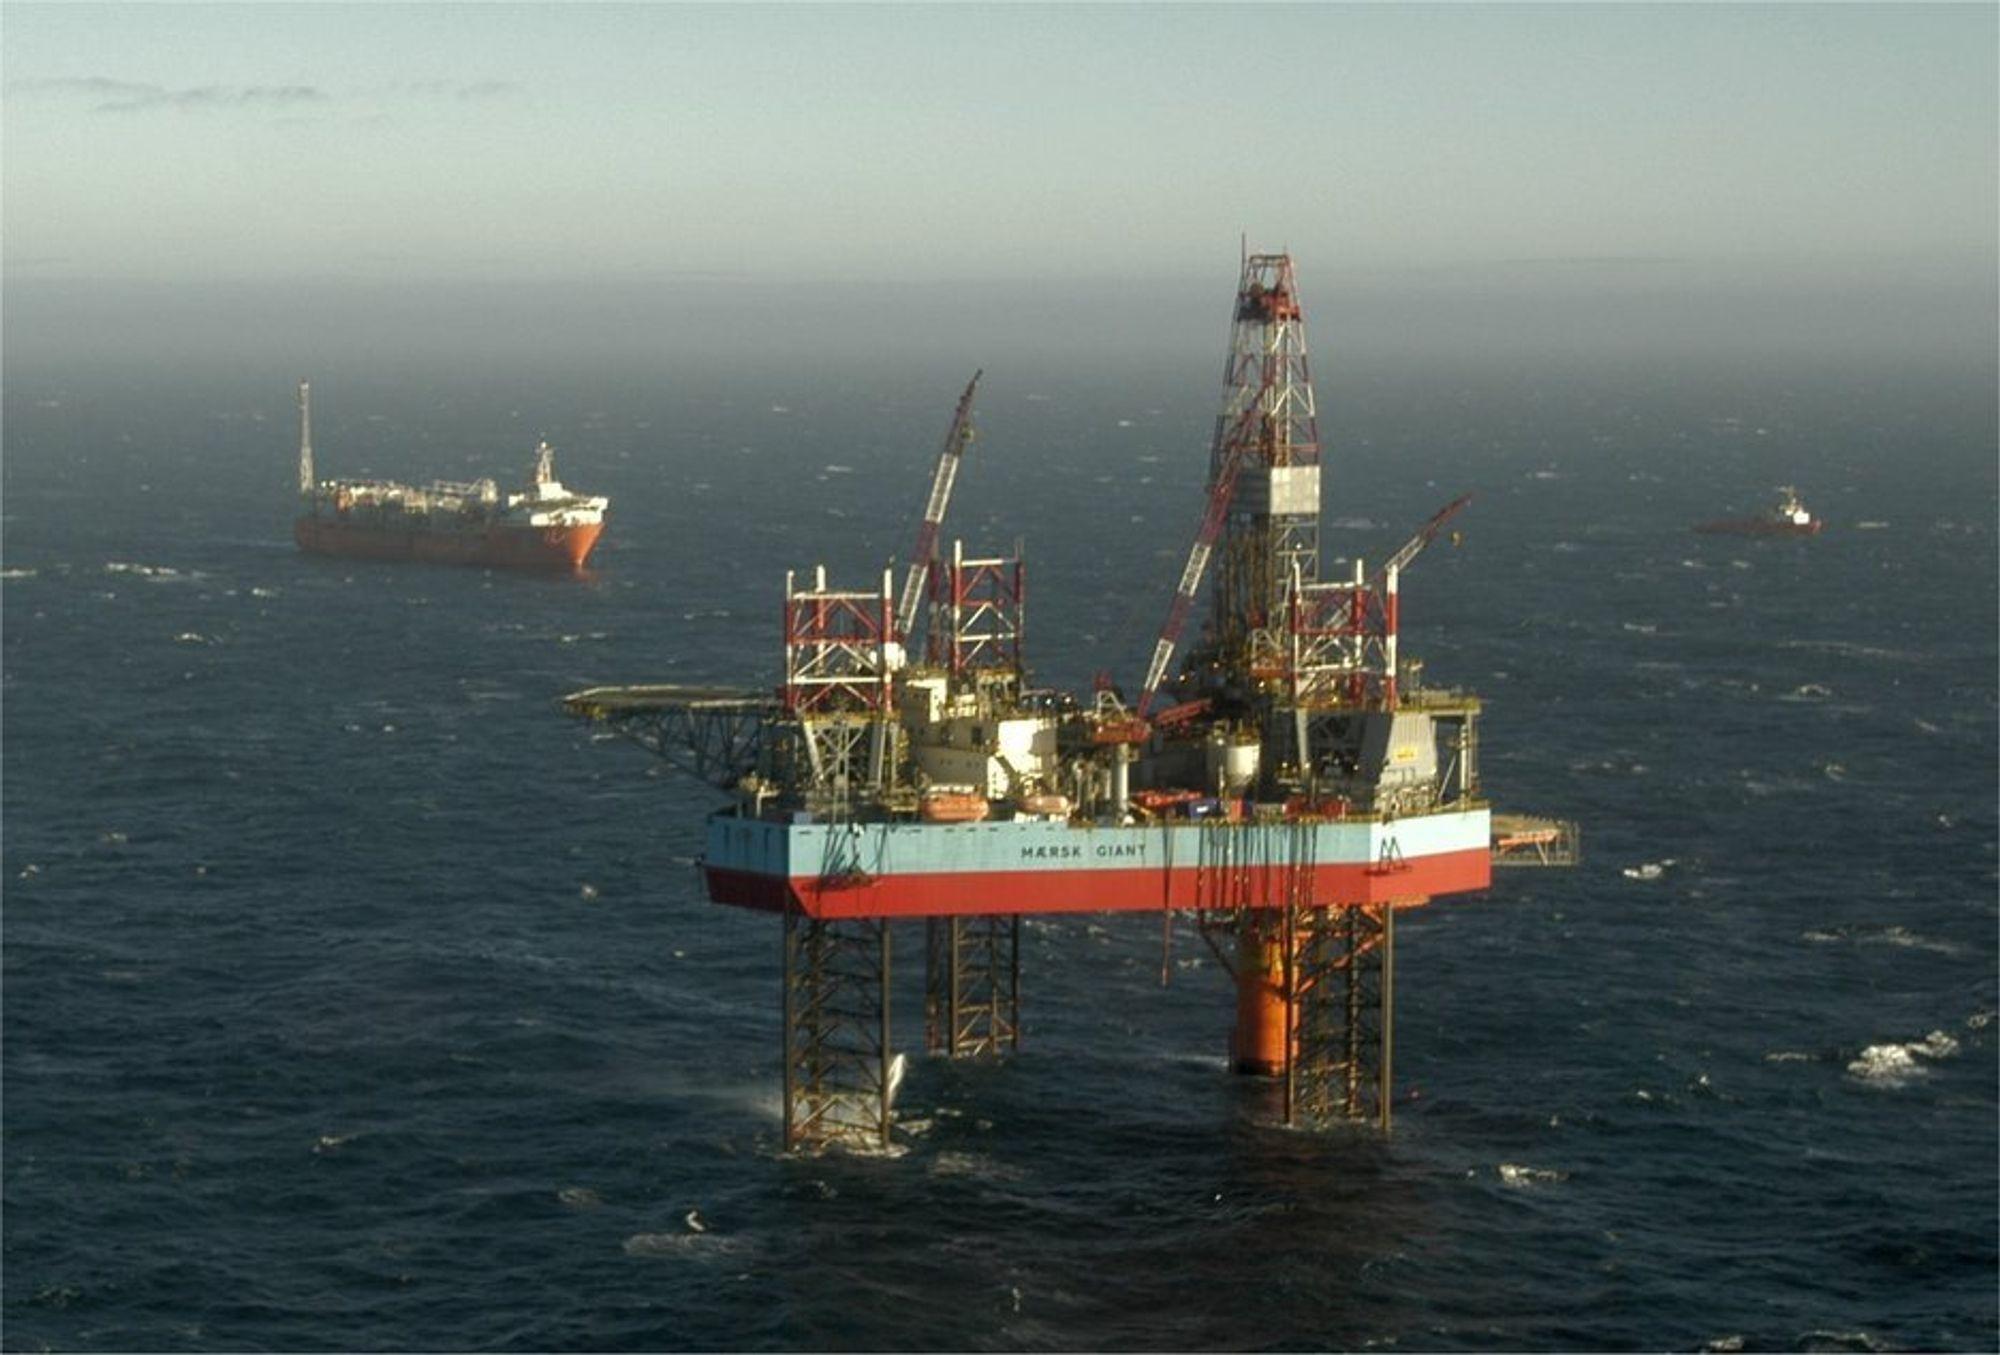 VARG: Pertra innledet sitt liv som operatør på Varg. Dette er nå overlatt til Talisman. Oljeproduksjonen herfra gir Pertra 500 fat olje daglig.